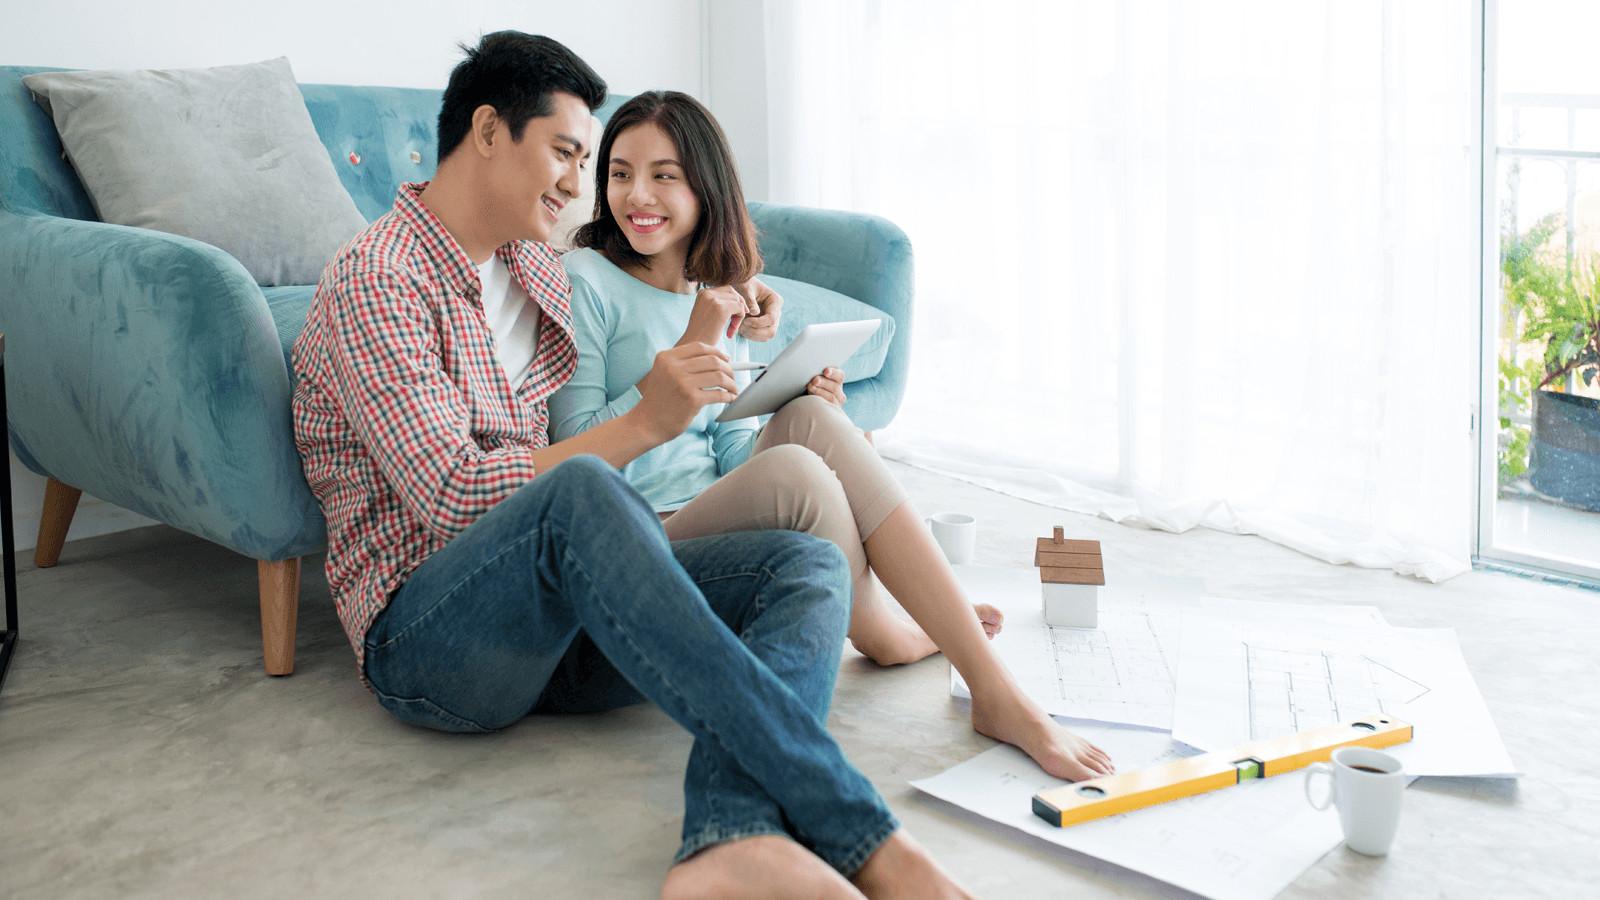 10 Bí Quyết Giữ Chồng Mà Người Vợ Nào Cũng Nên Biết